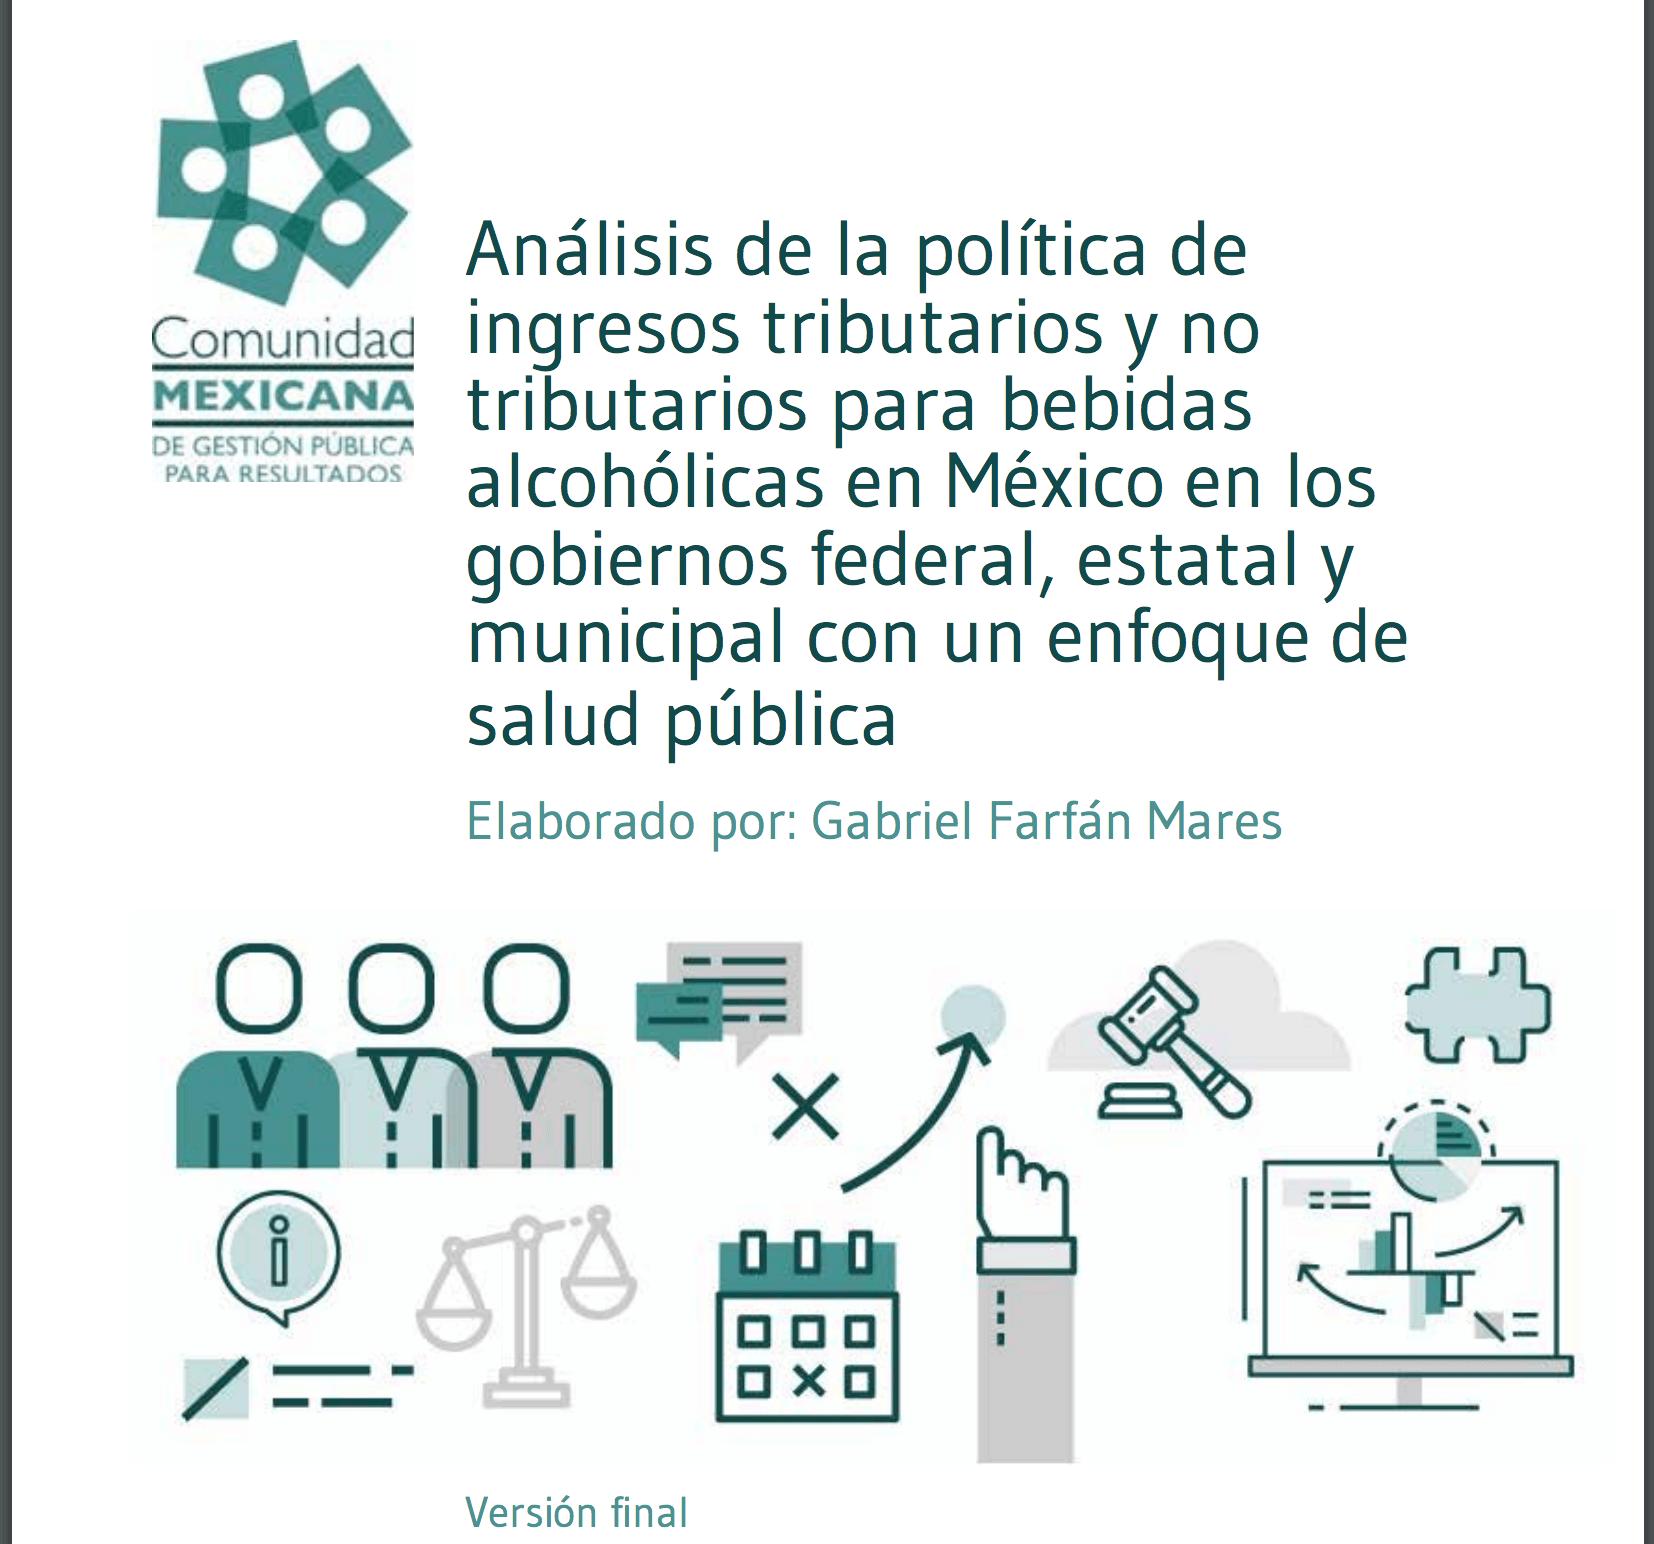 Imagen documento Análisis de la política de ingresos tributarios y no tributarios para bebidas alcohólicas en México